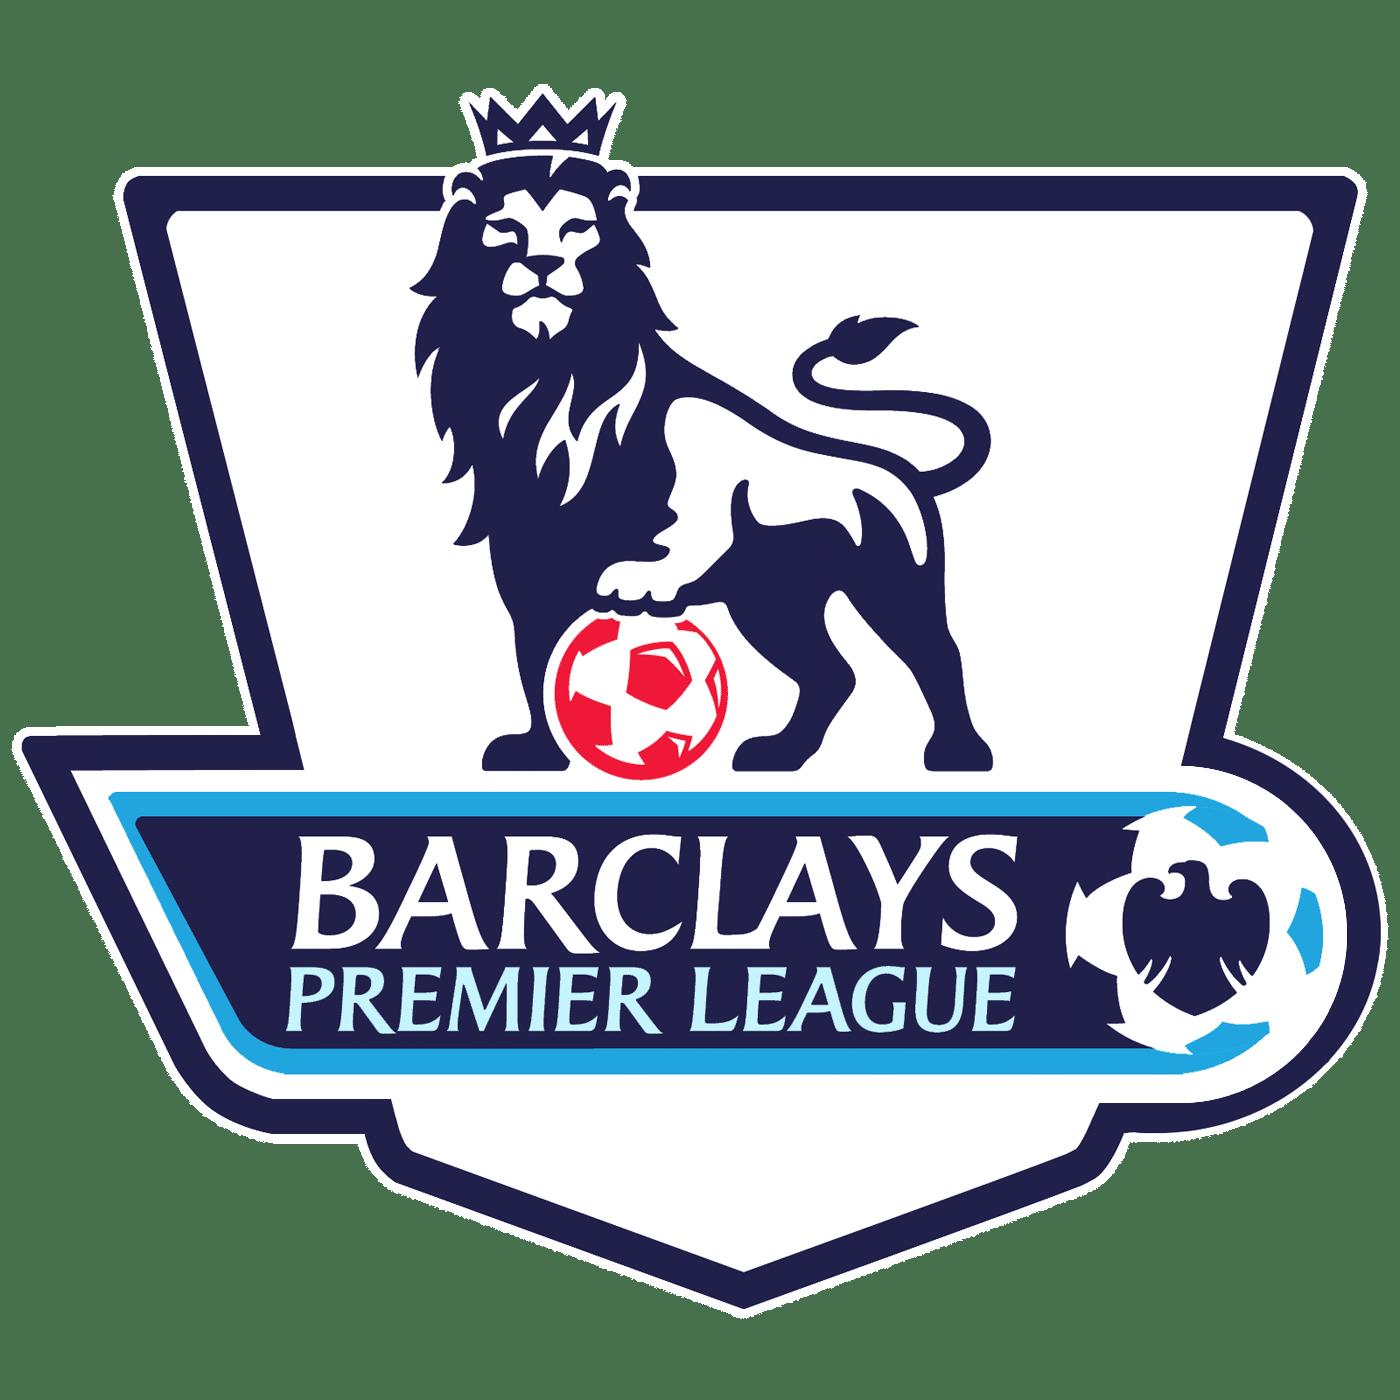 La Premier League vende sus derechos de transmisión en internet en China